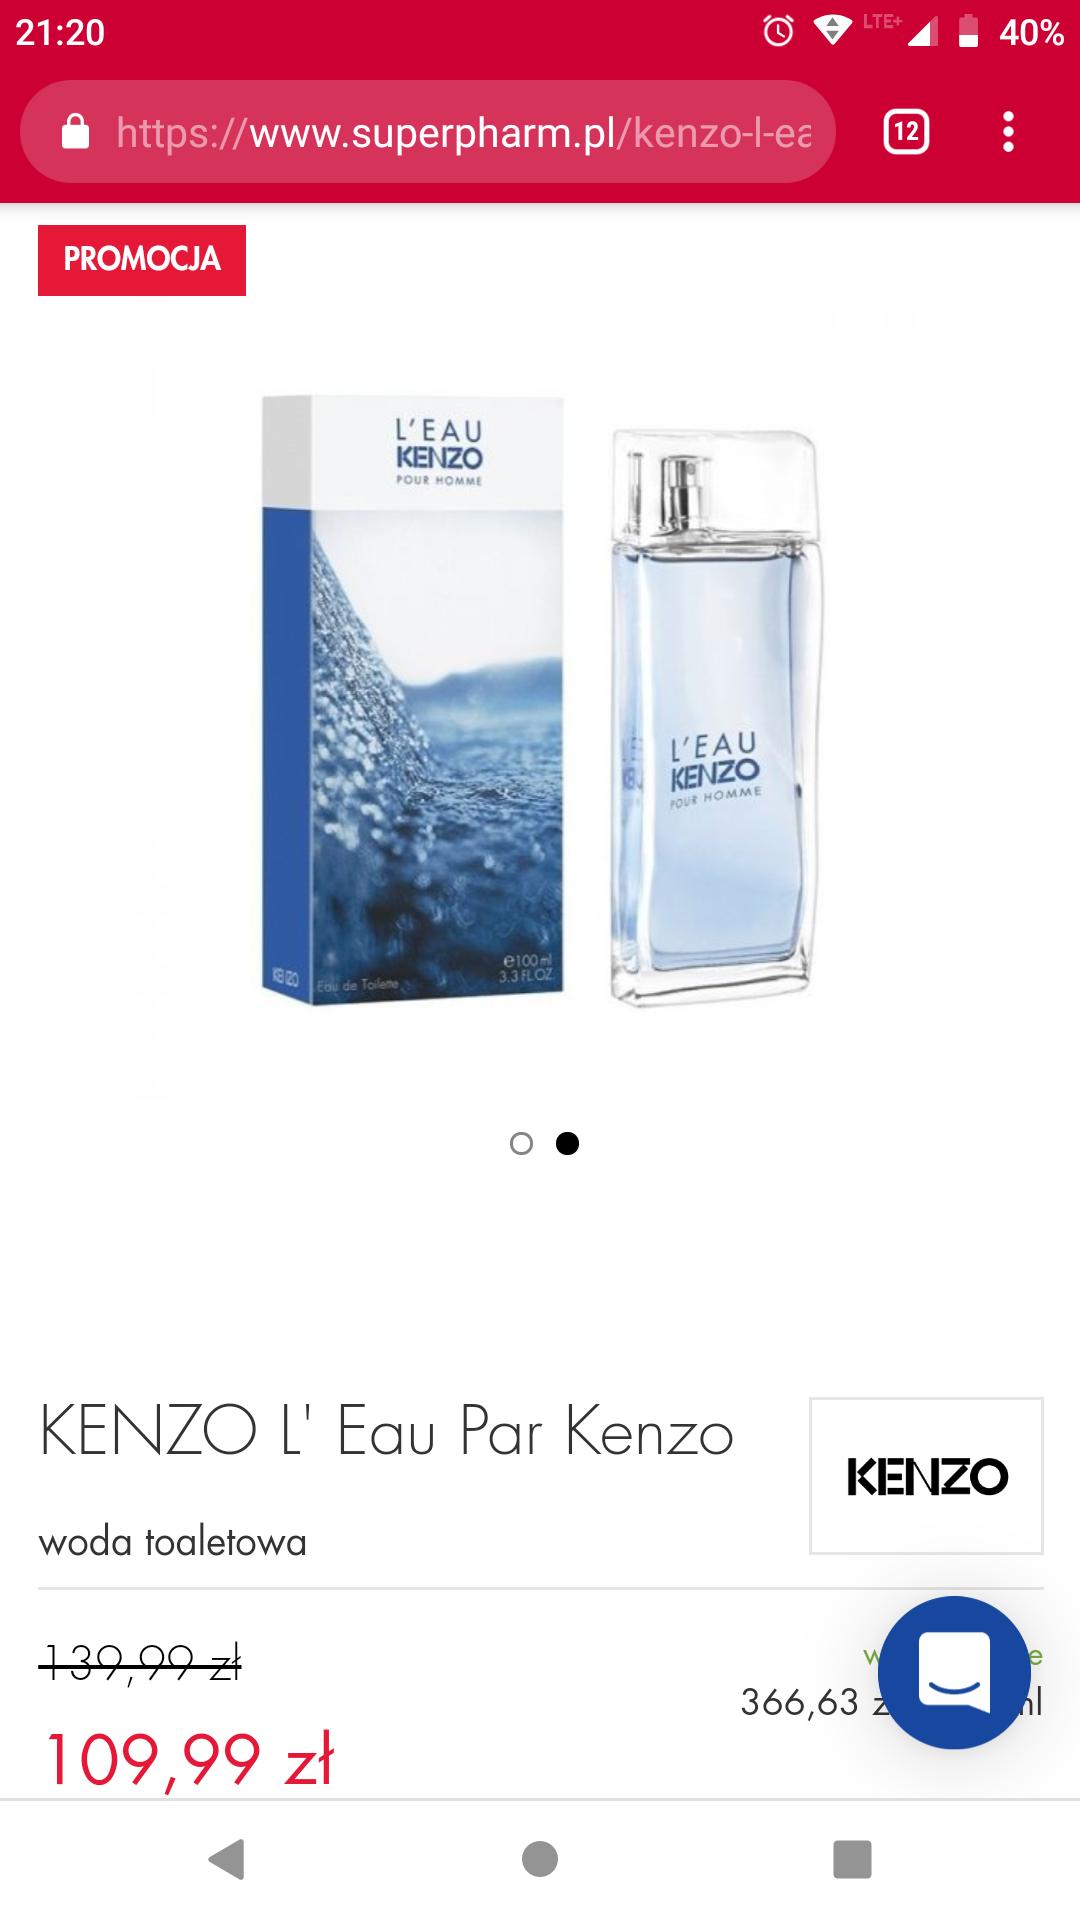 Woda toaletowa Kenzo l'eau pour Kenzo pour Homme (Super Pharm)